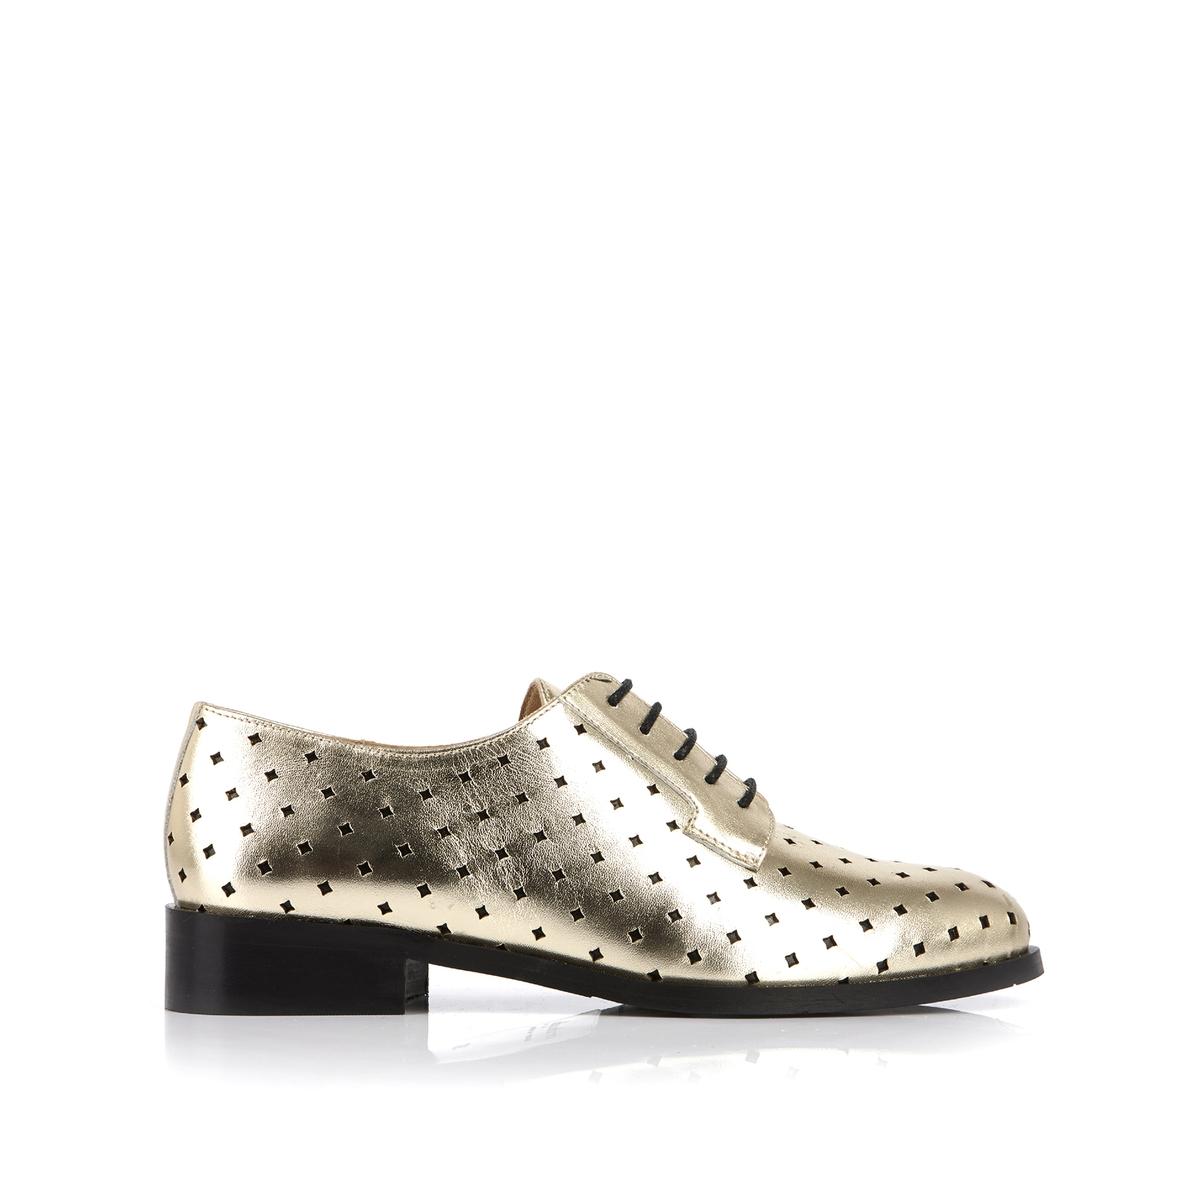 Ботинки-дерби кожаные Charly ботинки дерби кожаные gilman cap